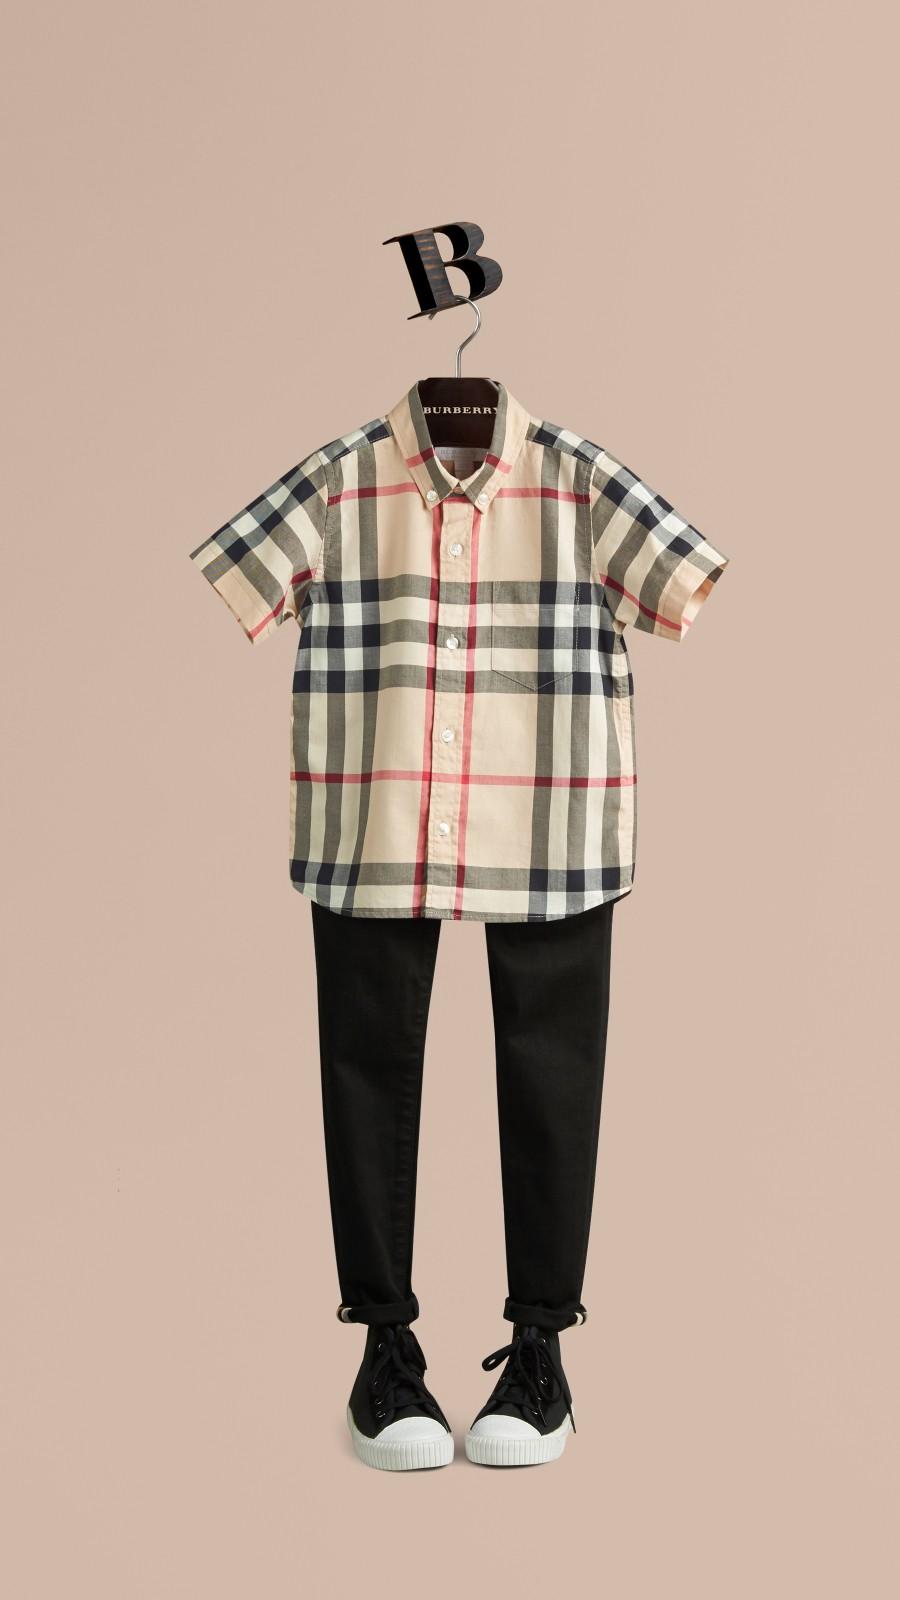 Nouveau check classique Chemise en sergé de coton à manches courtes avec motif check Nouveau  Classique - Image 1